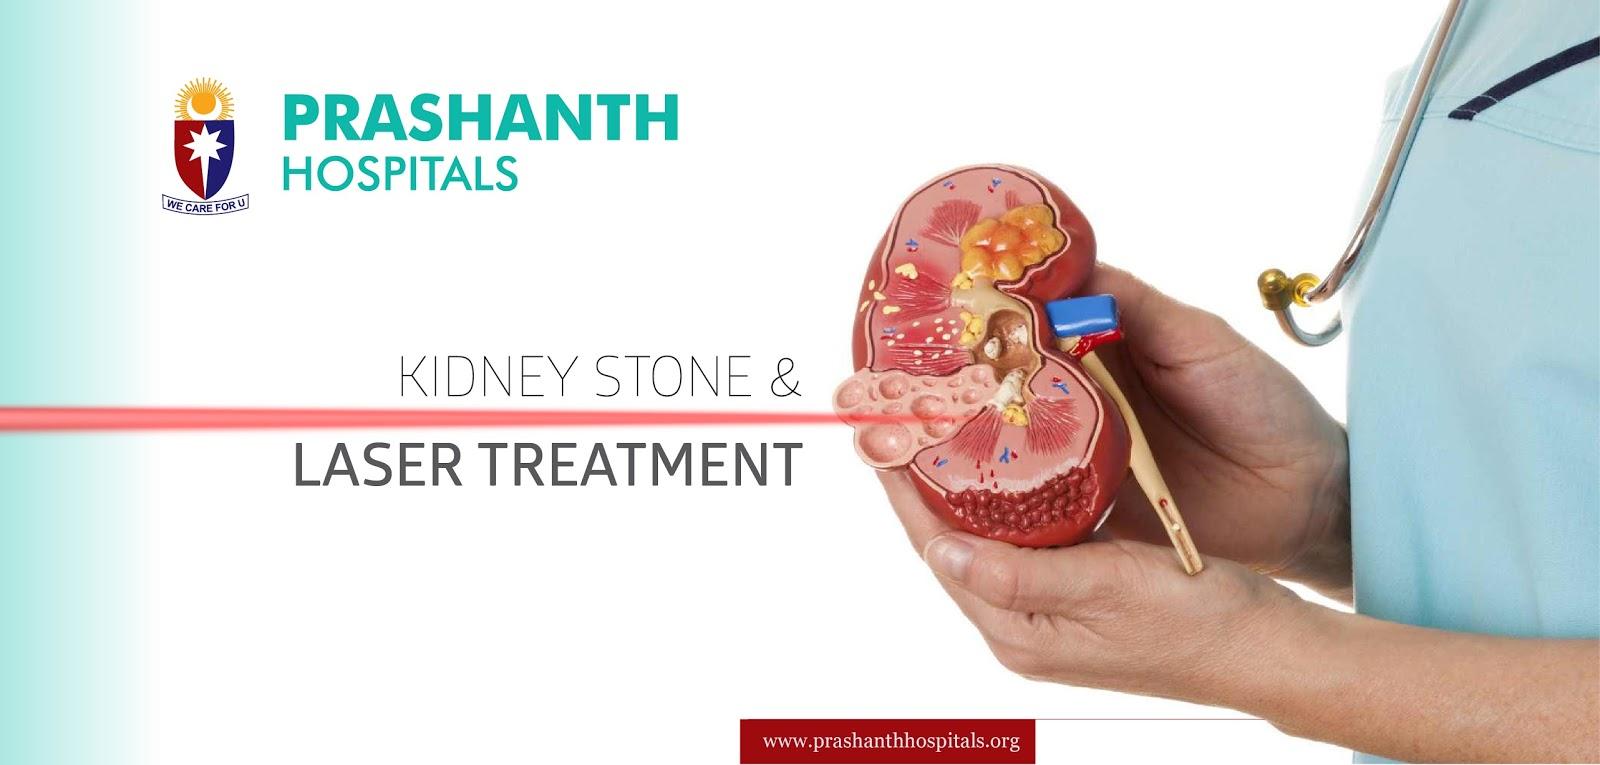 Prashanth Super Speciality Hospital: KIDNEY STONE & LASER TREATMENT